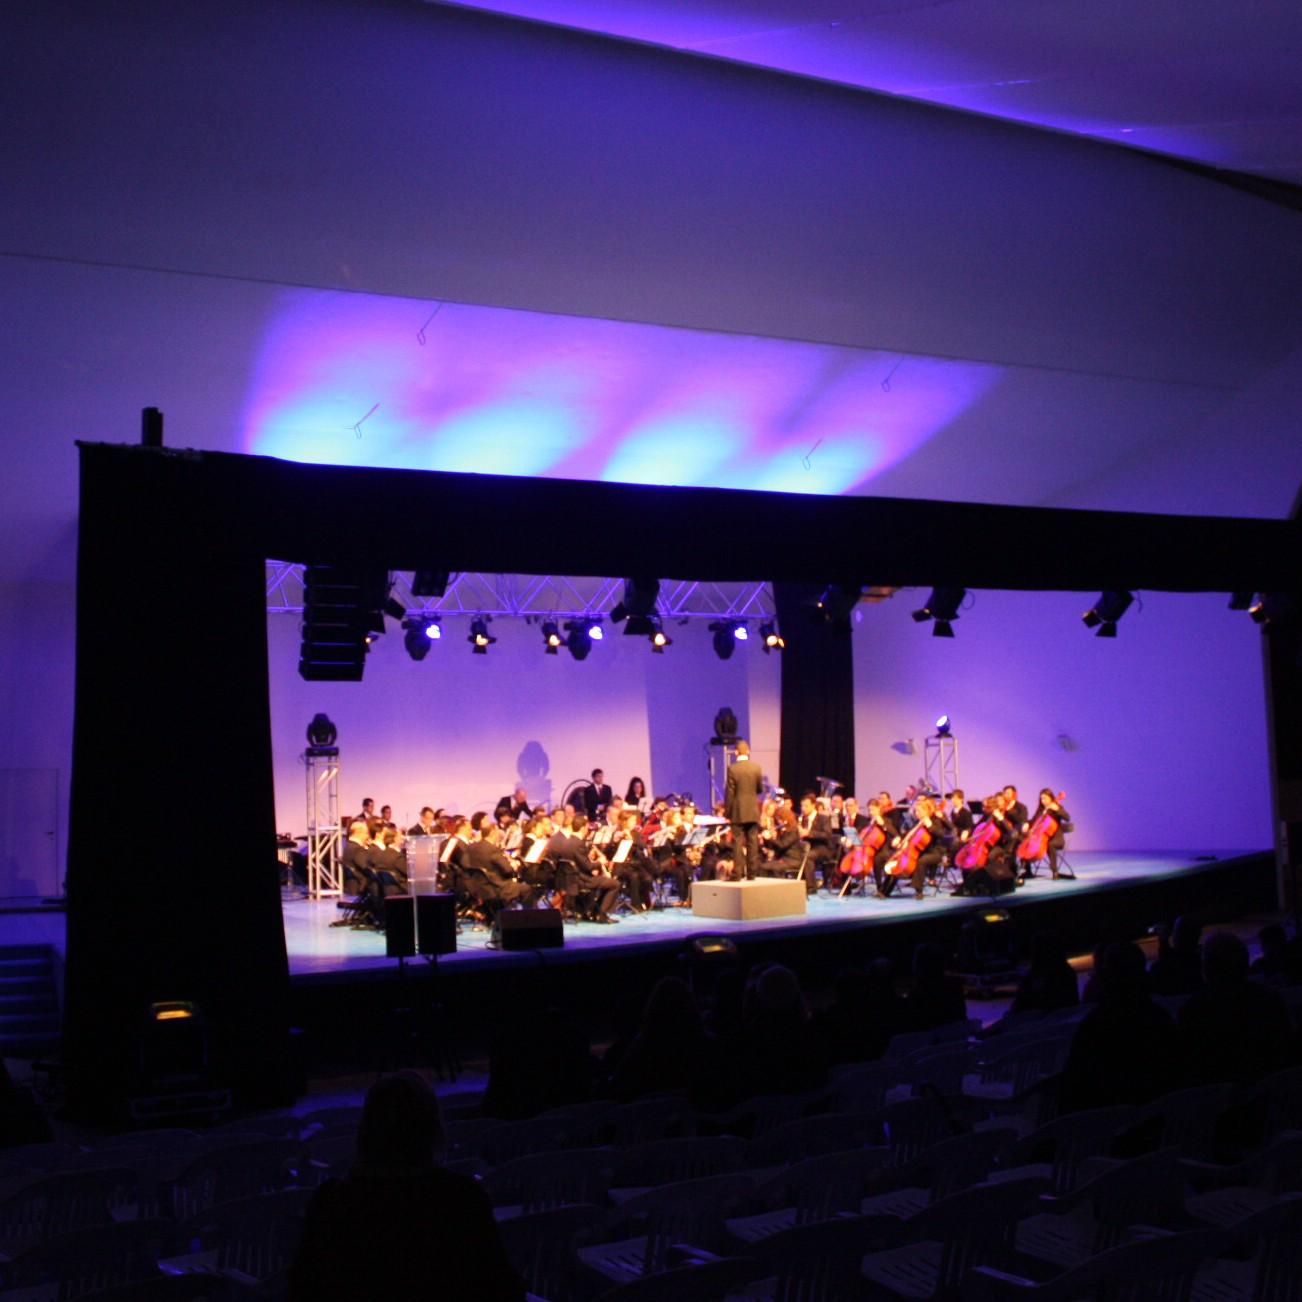 Taburete concierto valencia s lo otra imagen de muebles for Entradas concierto taburete